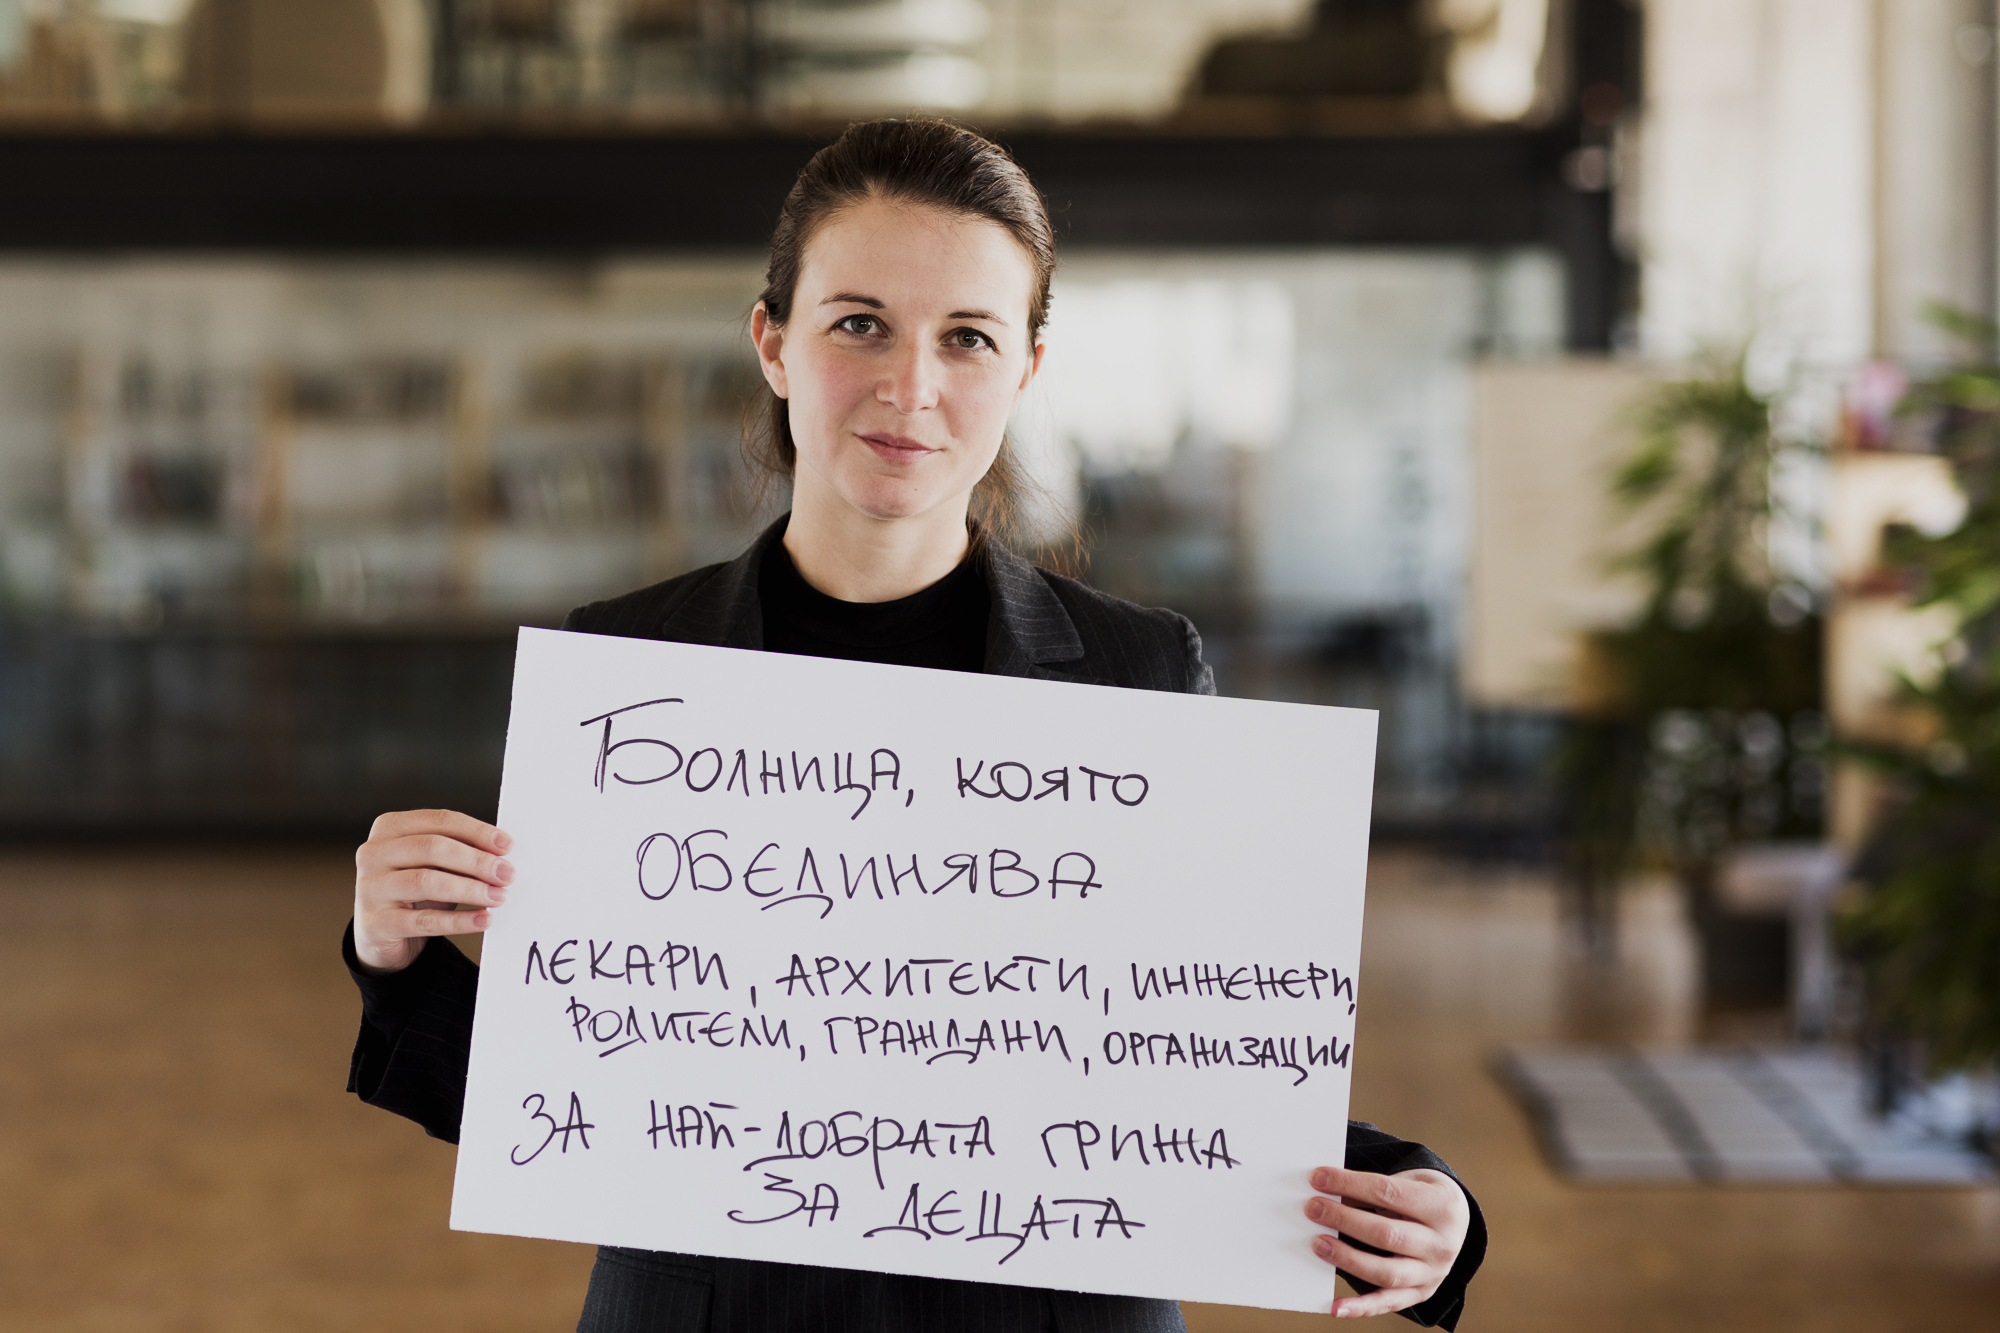 Мария Брестничка, НМД